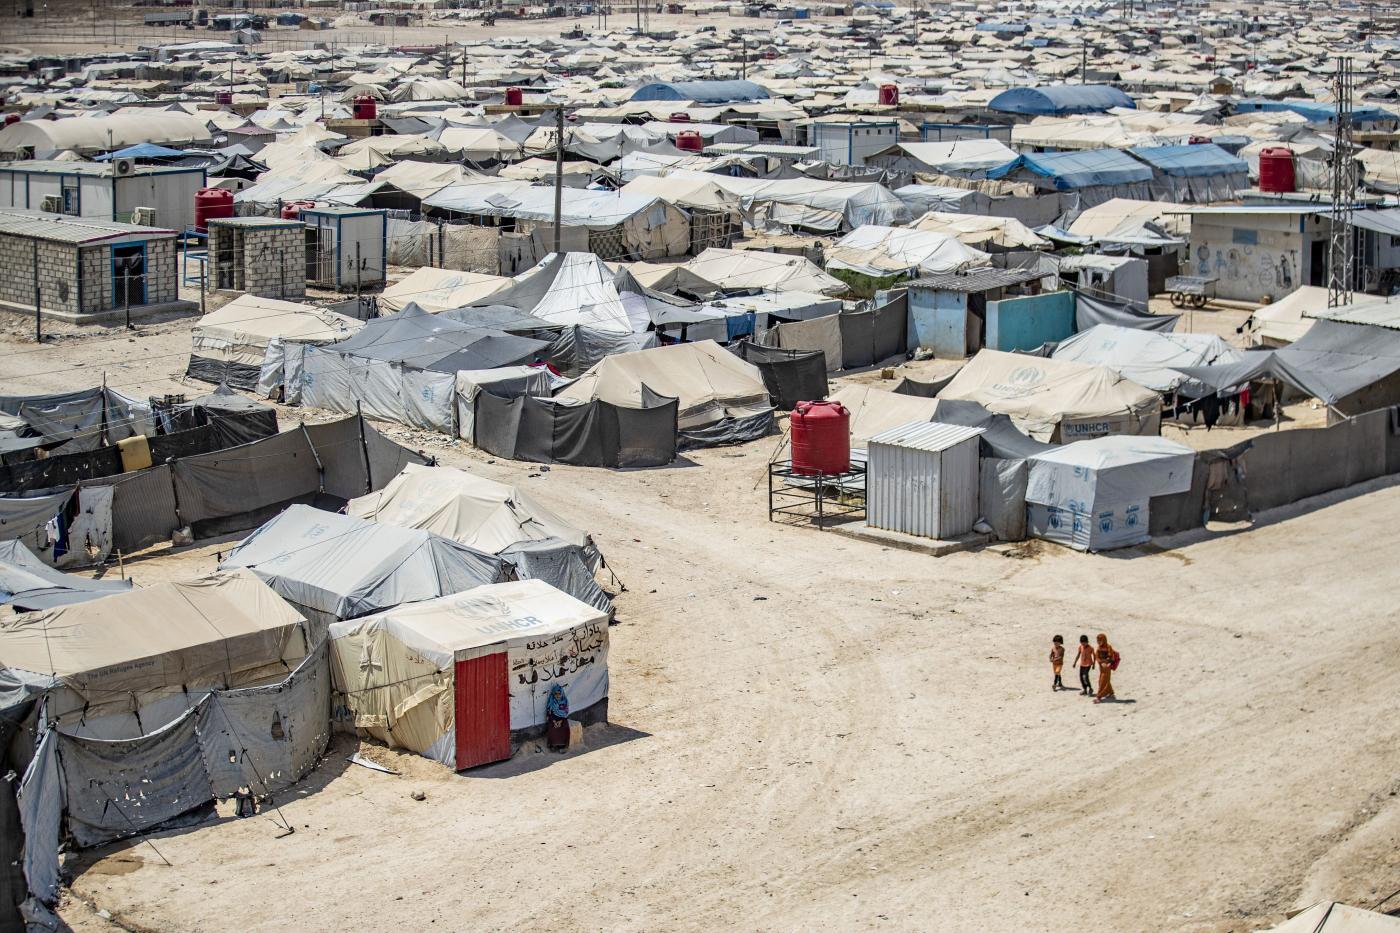 """طفلان يموتان كل أسبوع في مخيم لعائلات """"تنظيم الدولة الإسلامية"""" (داعش)"""